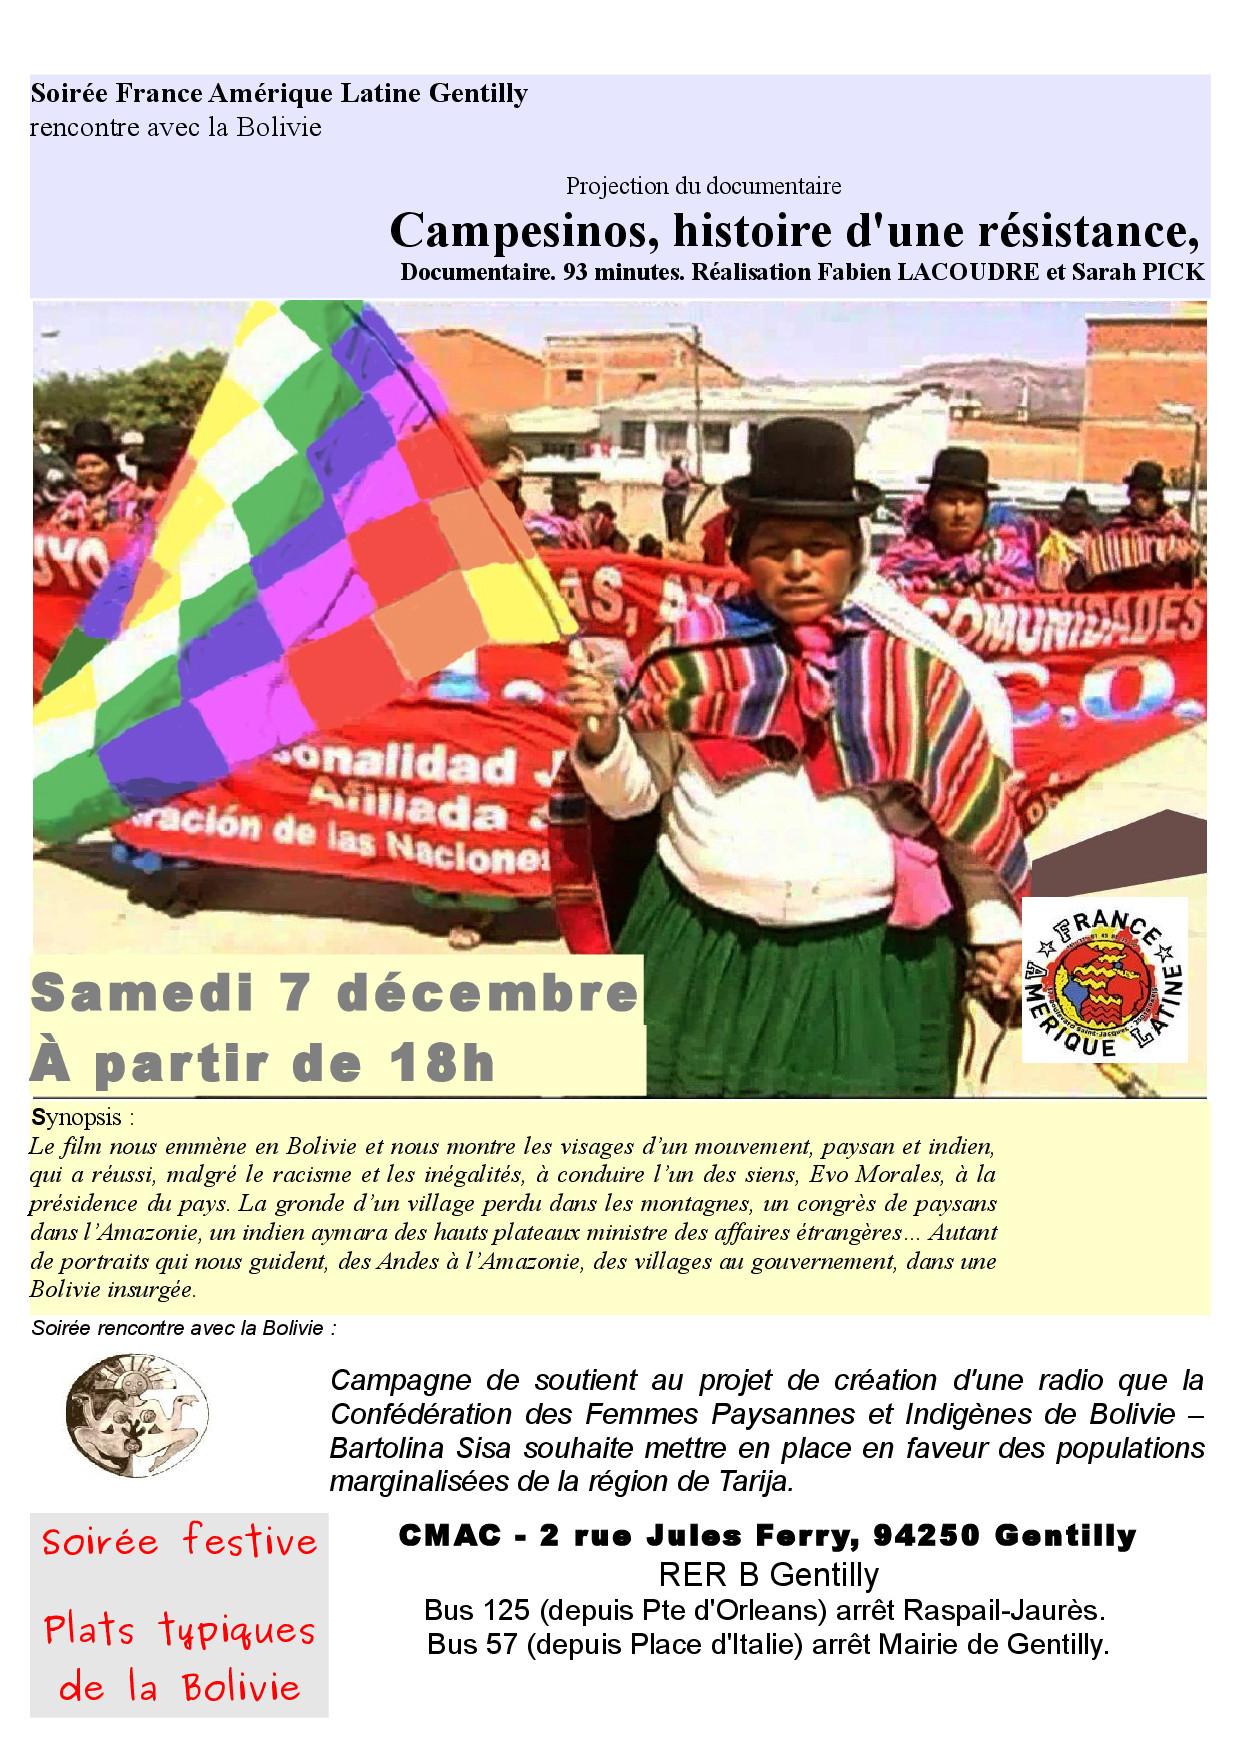 Projection : campesinos, histoire d'une résistance.